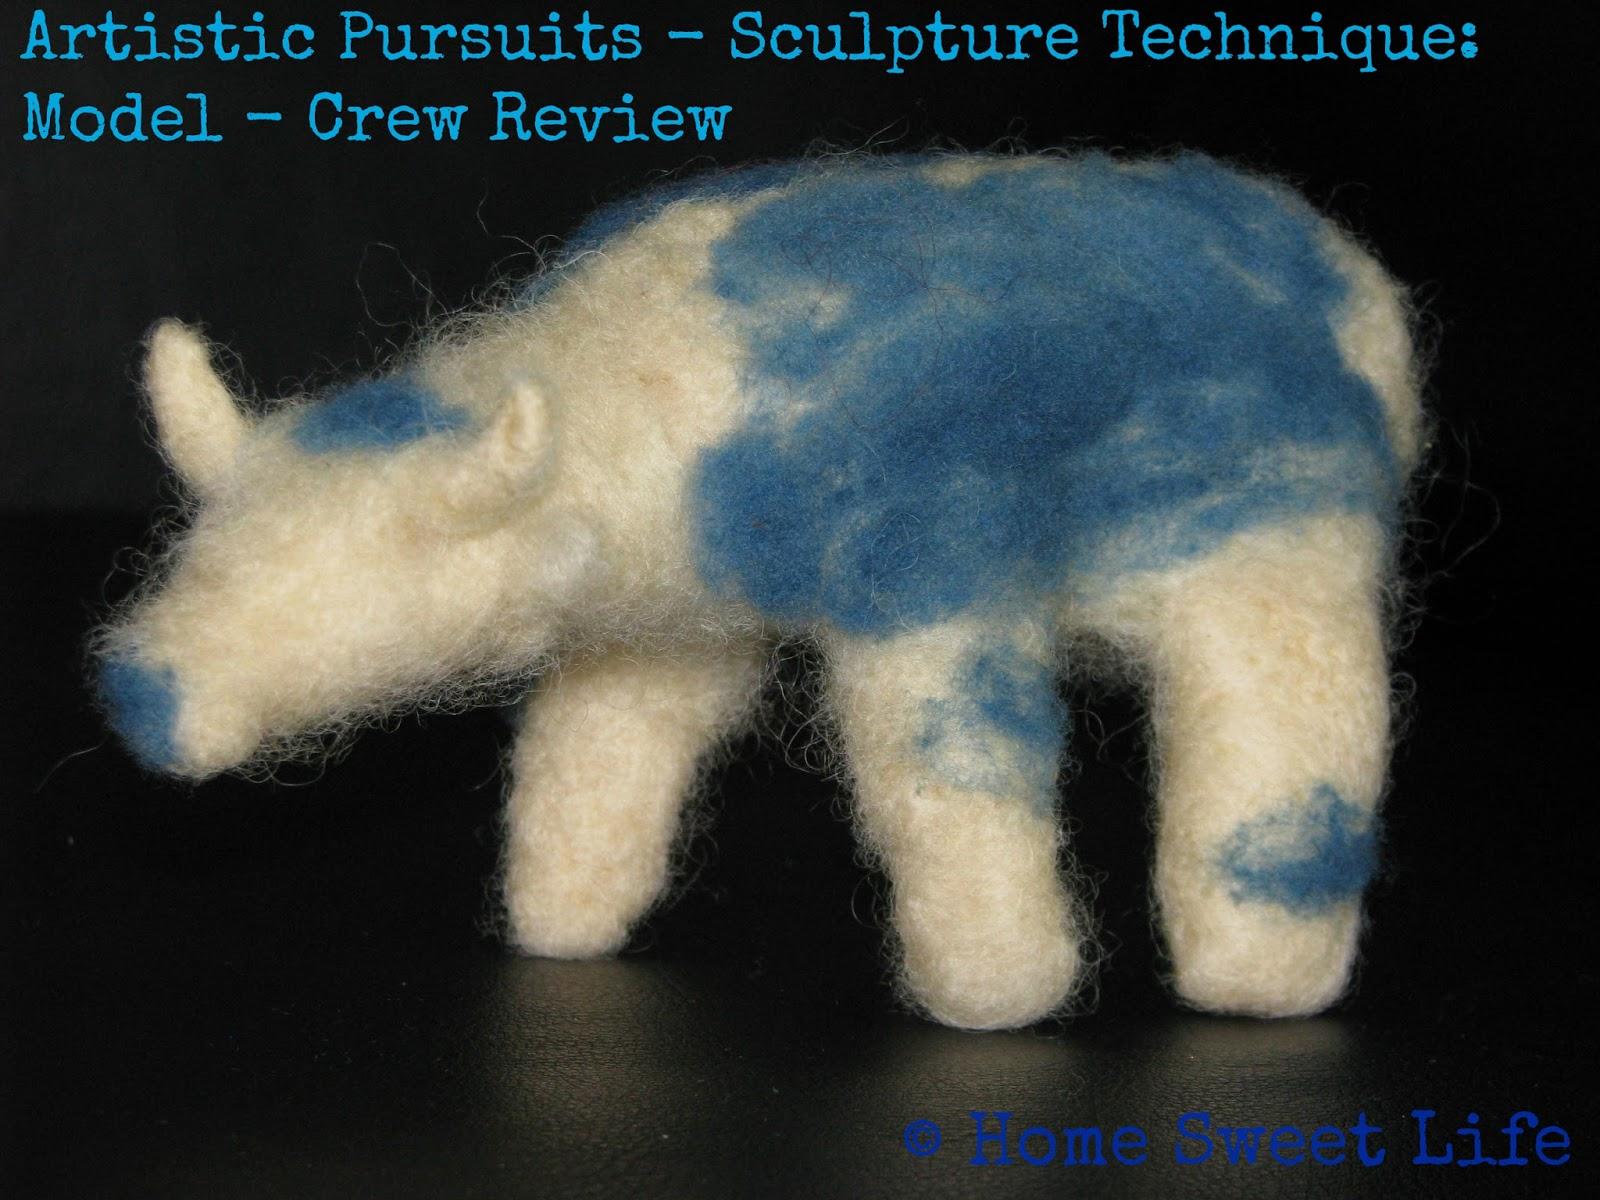 ARTistic Pursuits, homeschool art, fiber arts